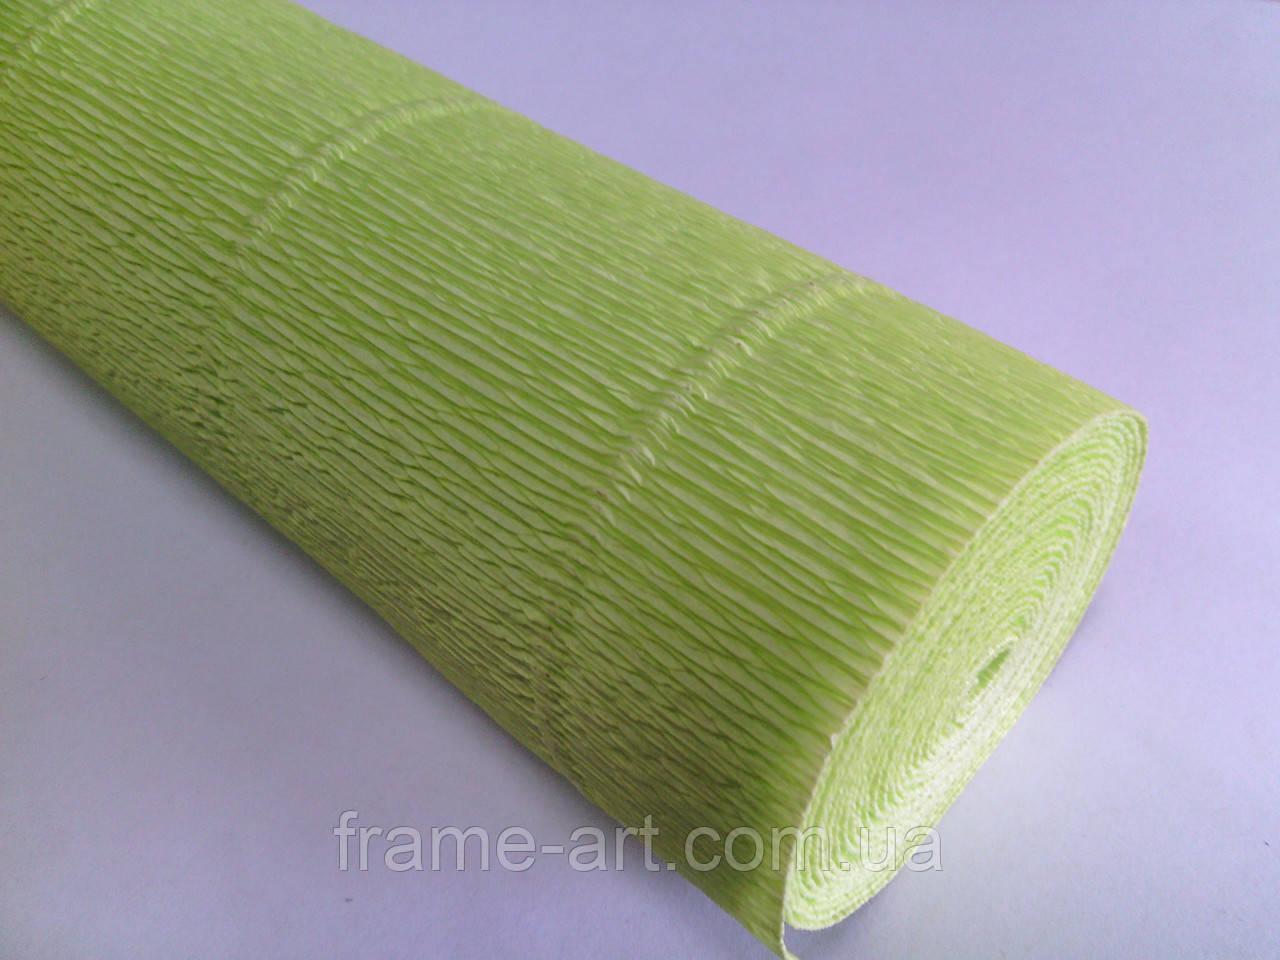 Креп-бумага Италия 50см*2,5м 180г/м2 558 лимонный 074